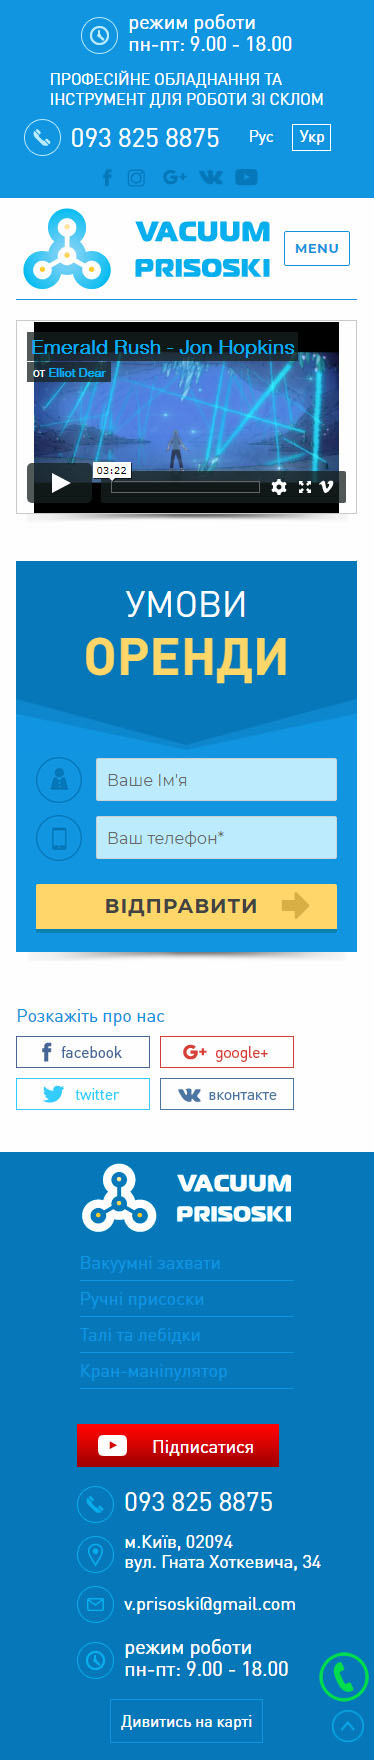 Сайт-каталог по аренде вакуумных присосок4